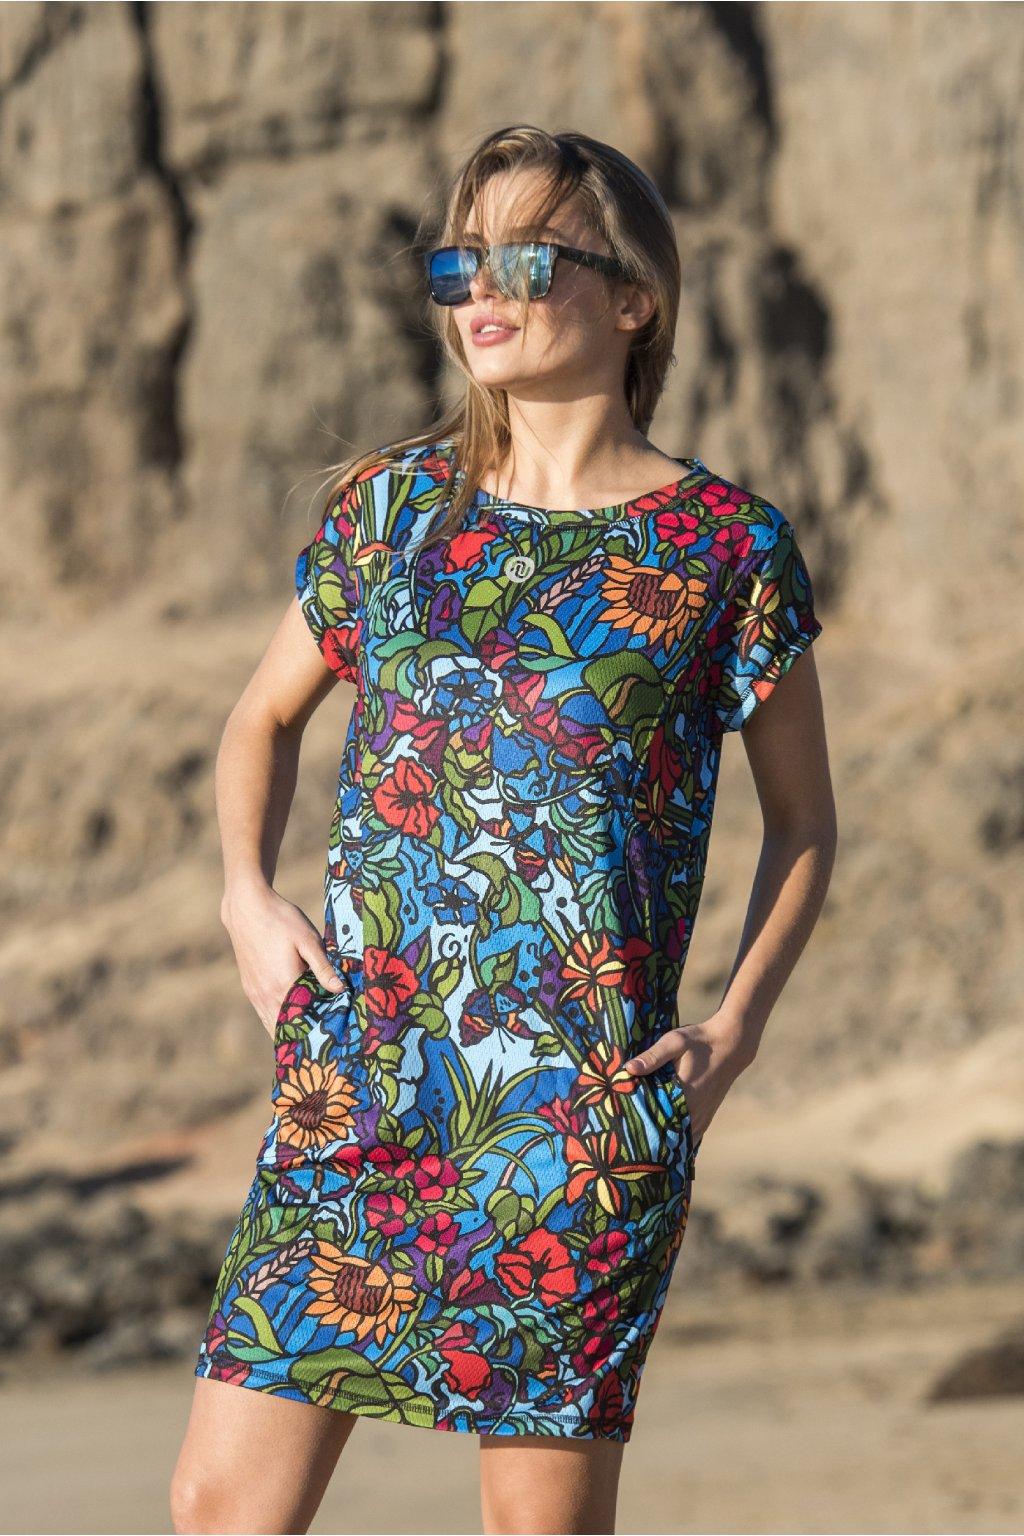 Letní šaty mosaic flora oss2 11m4 1